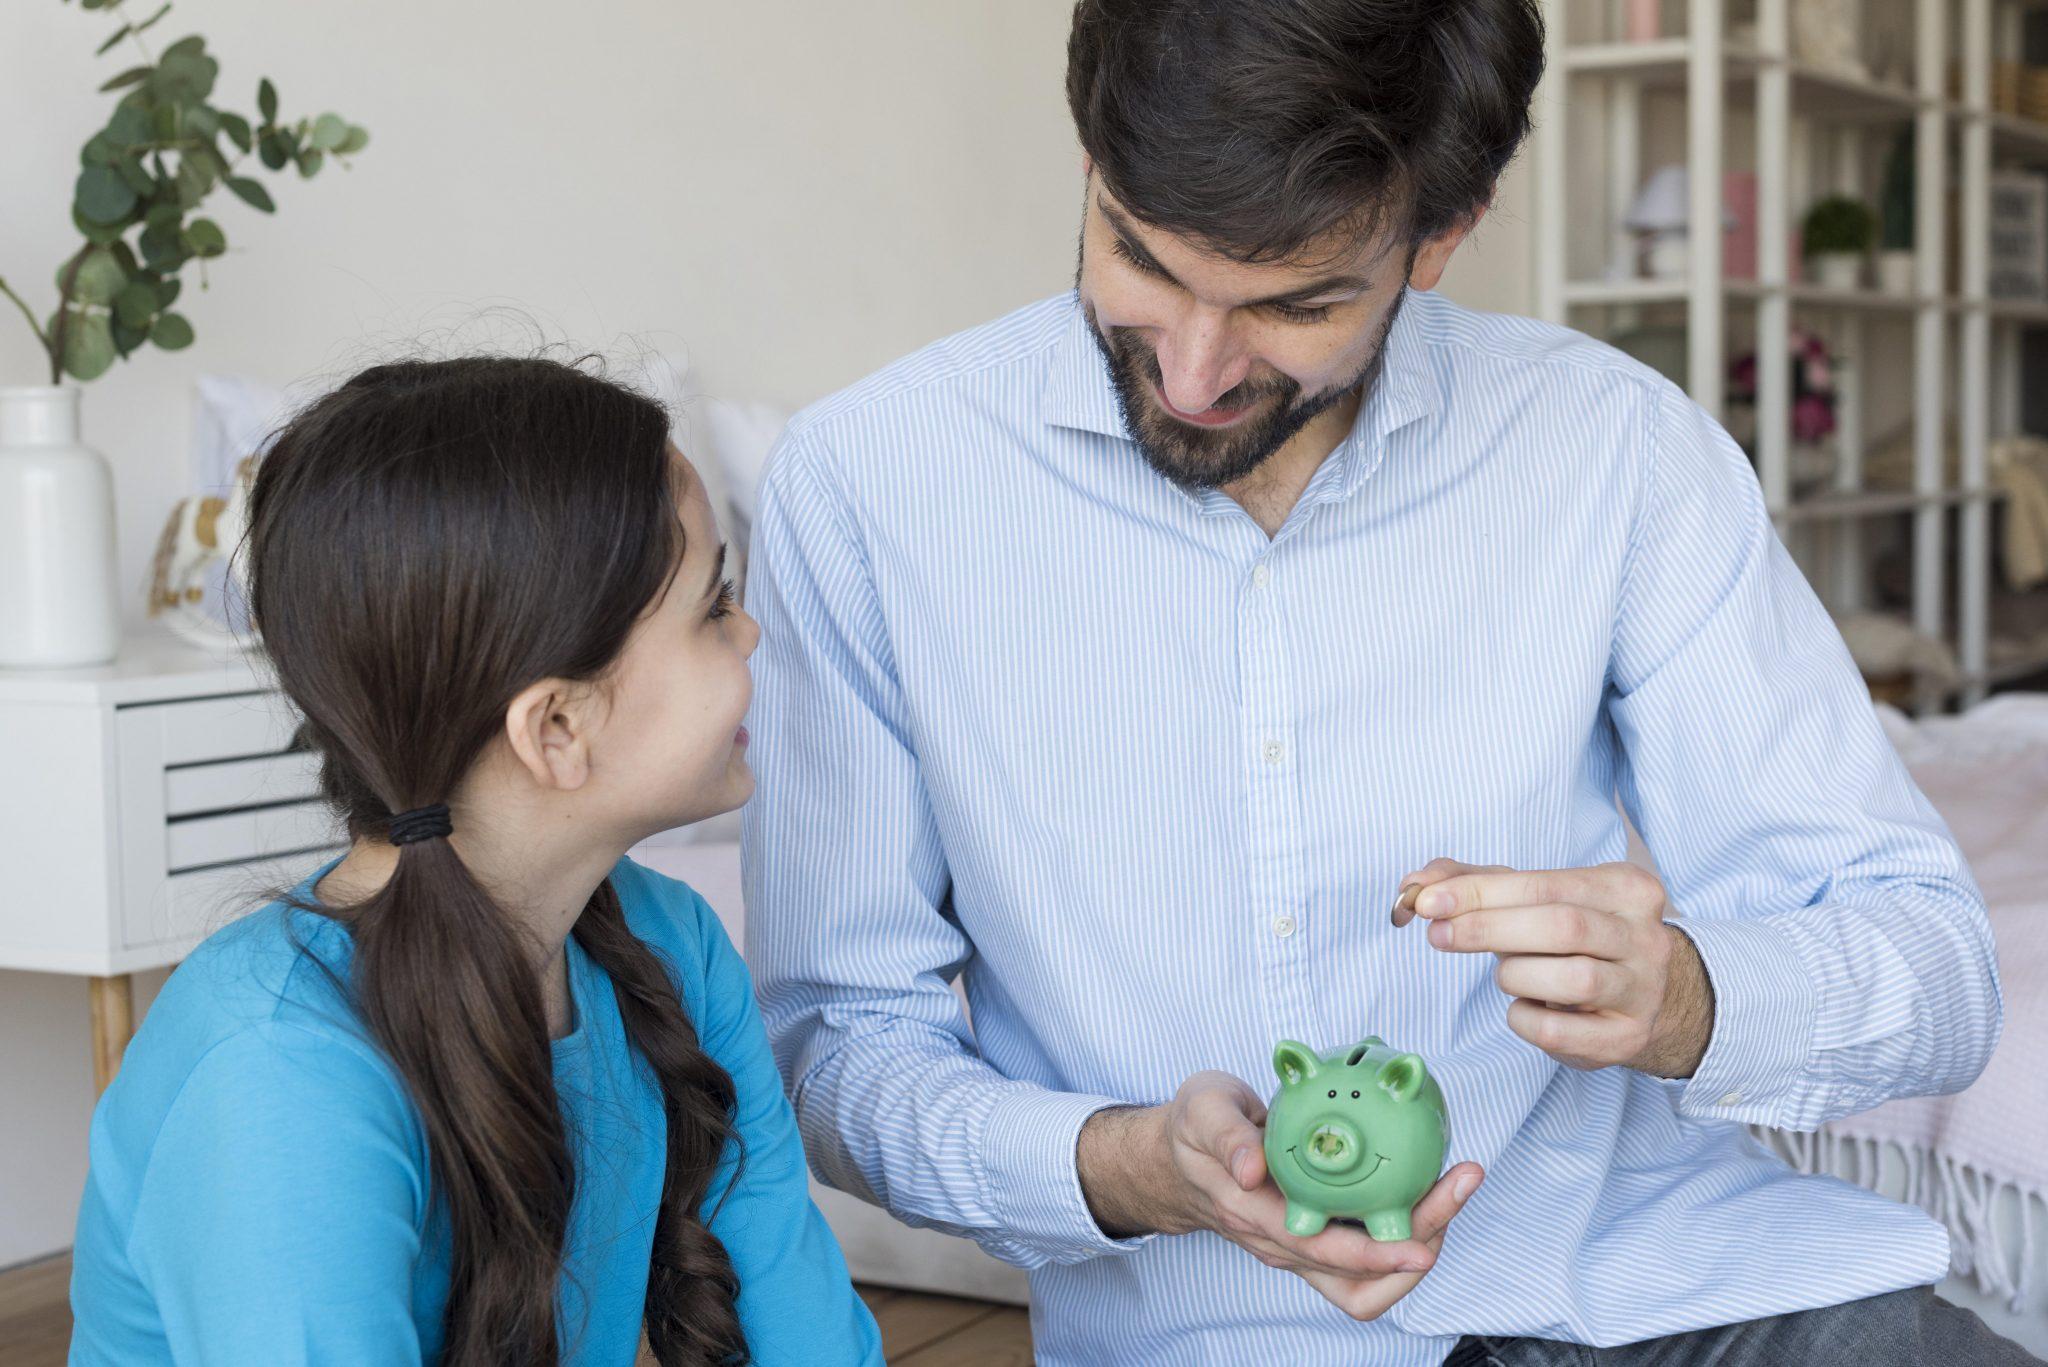 Cómo educar a tus hijos en sus finanzas personales